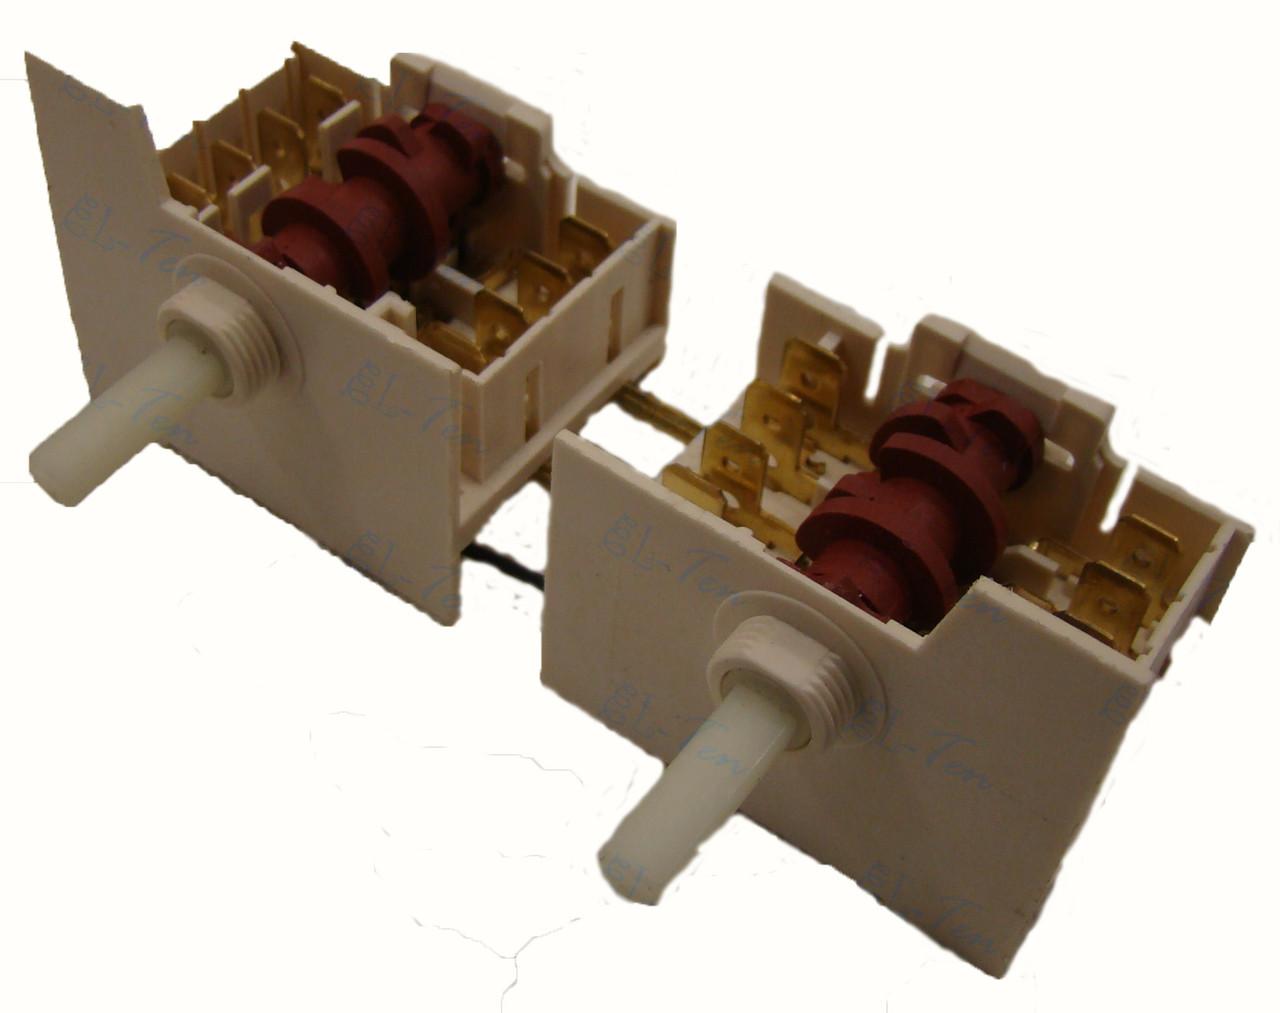 Переключатель на электропечь Gorenje ( Горенье) 5HE/571, 5HE-571